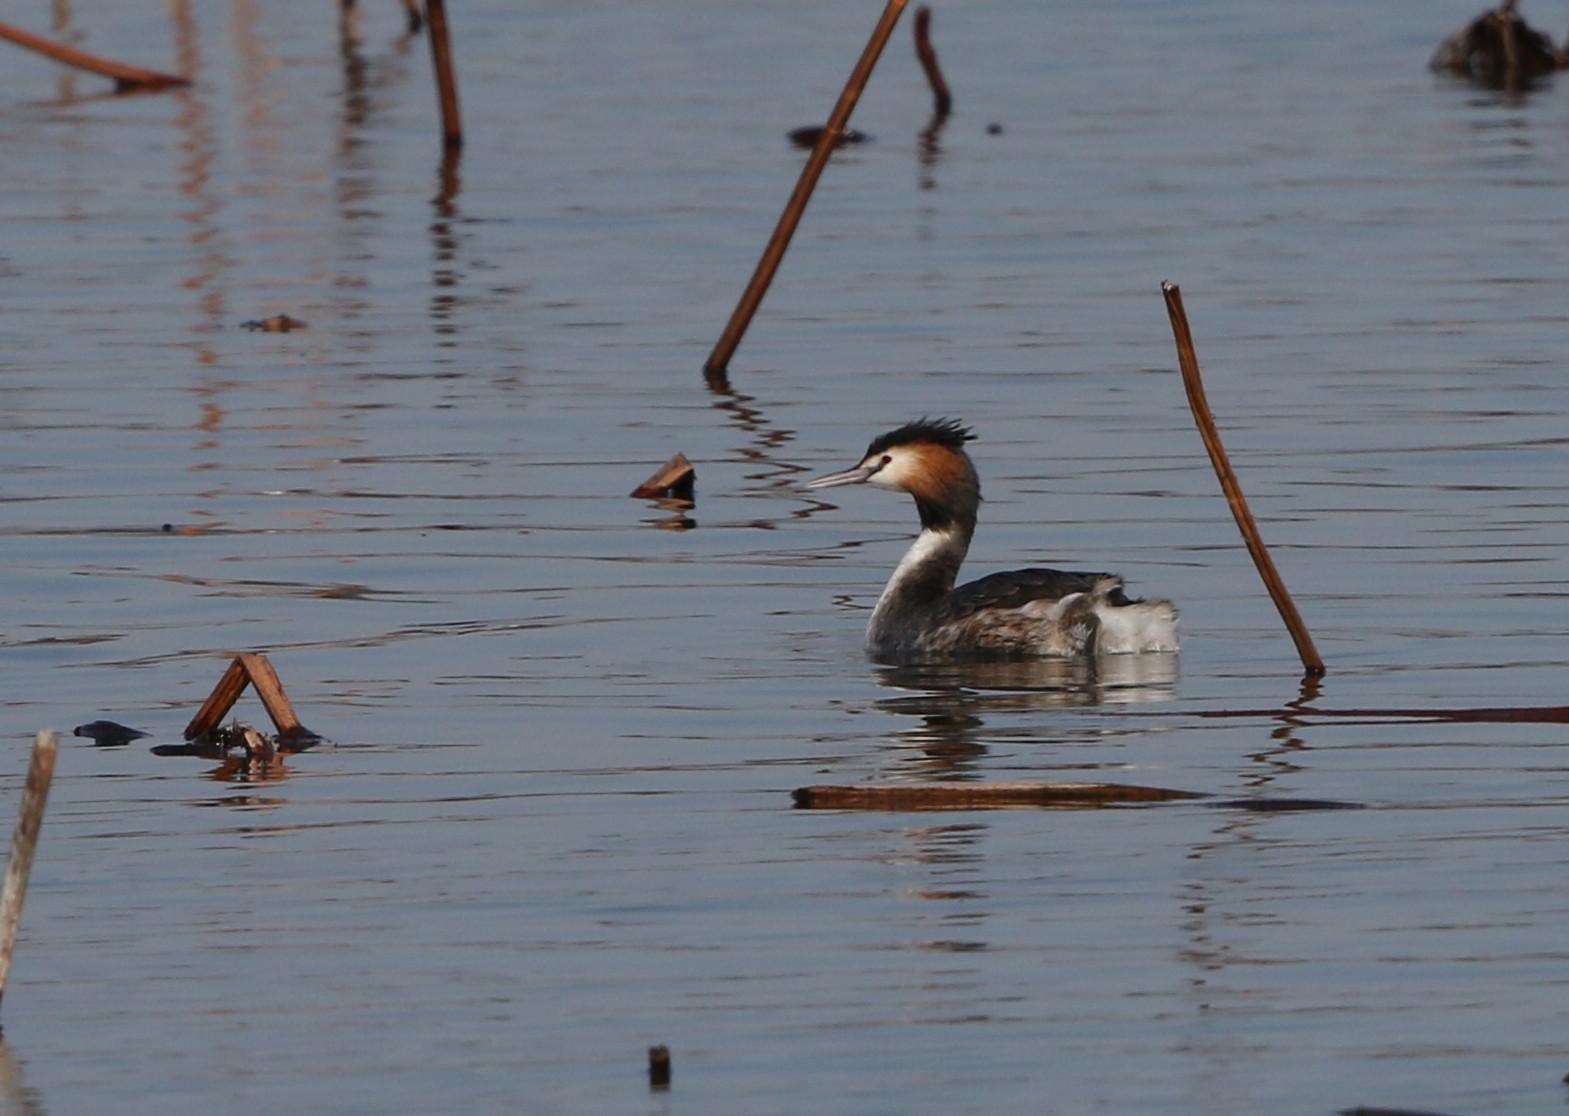 MFの沼で冬鳥(ミコアイサ・カンムリカイツブリを撮る)_f0239515_18131732.jpg